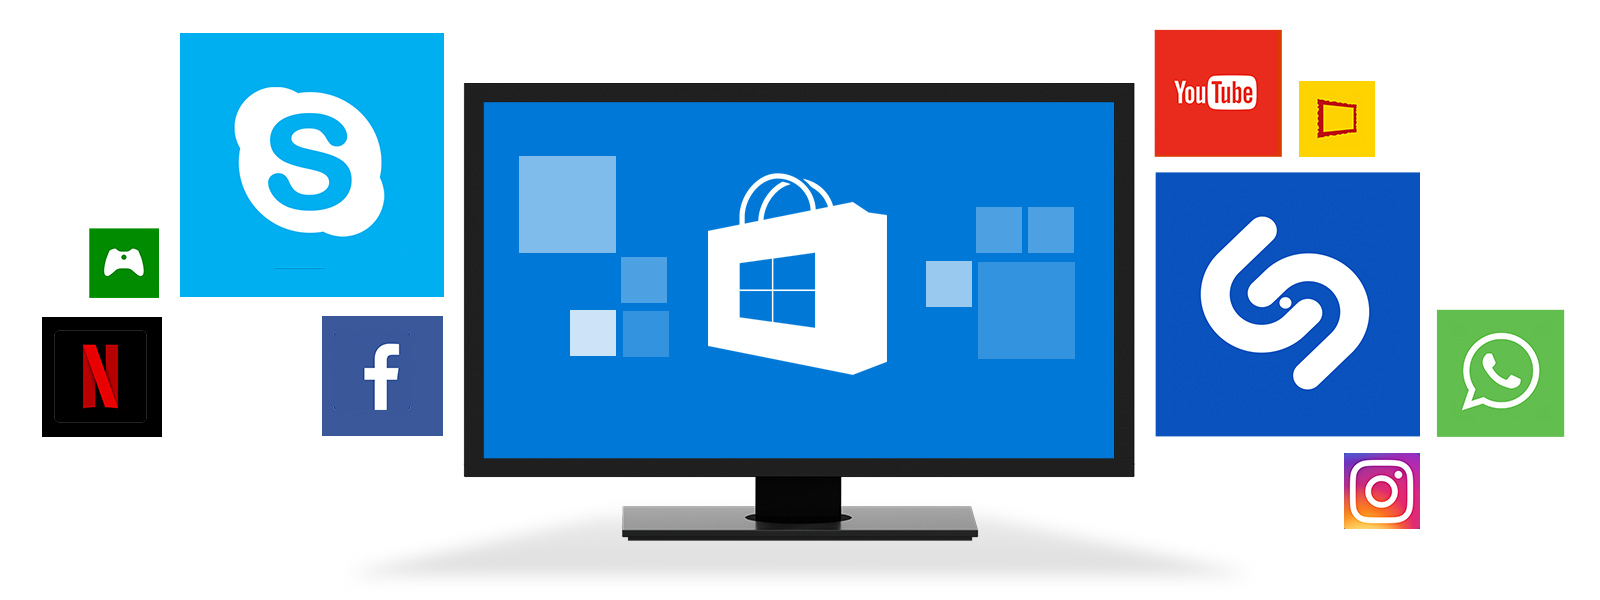 Naprava s sistemom Windows, okrog katere lebdi več ploščic programov